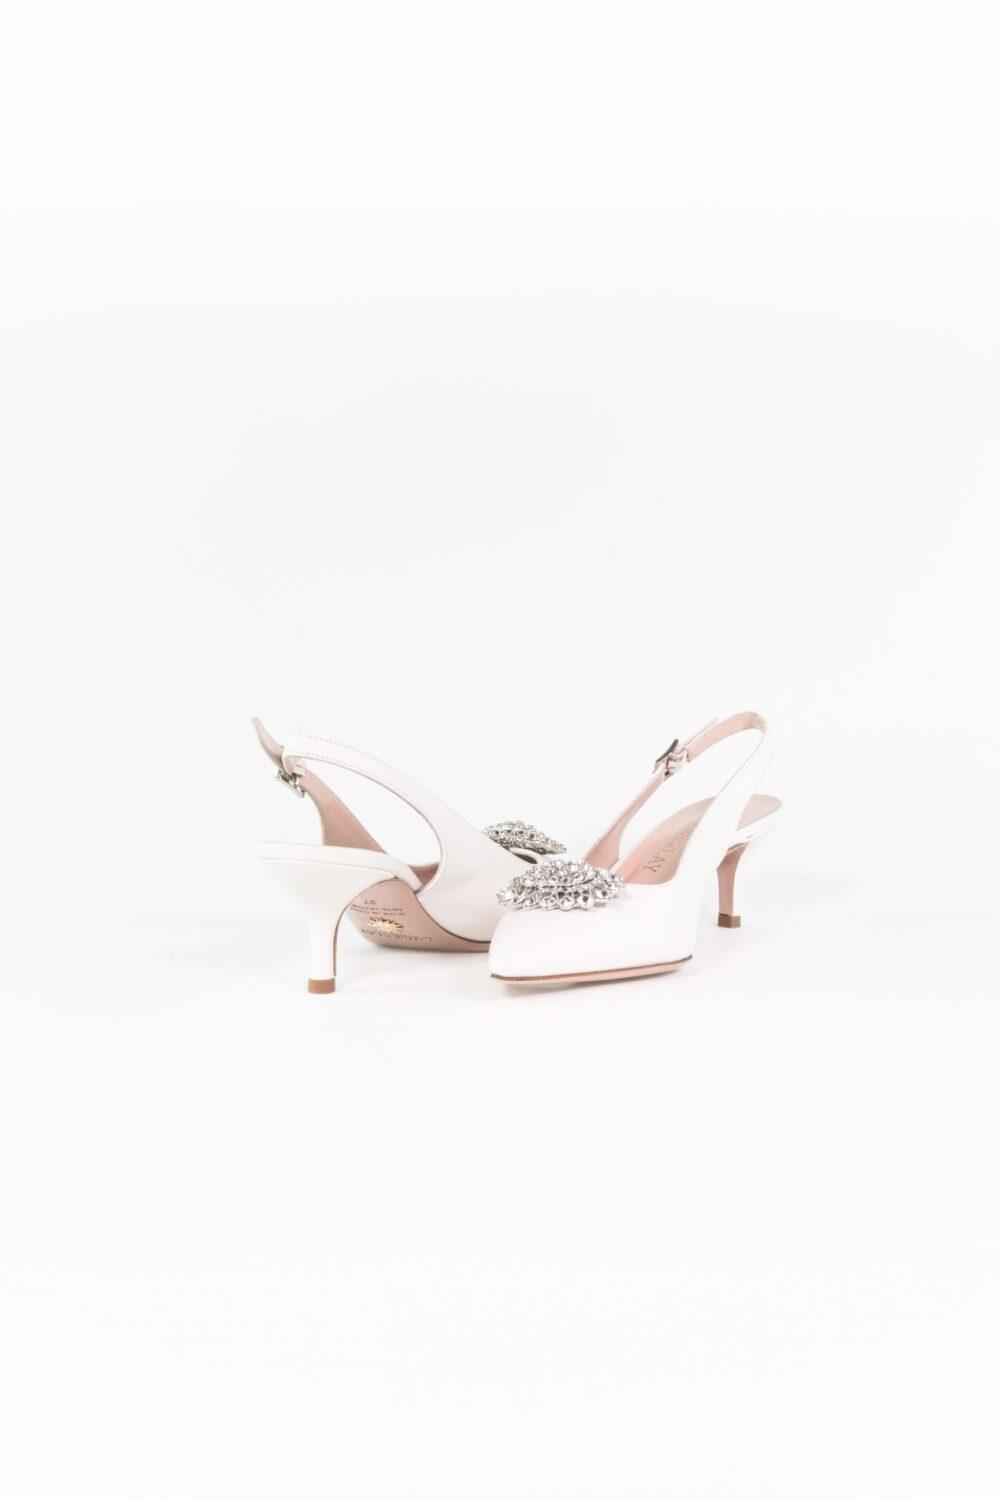 luxus brautschuh weiß absatz theresa